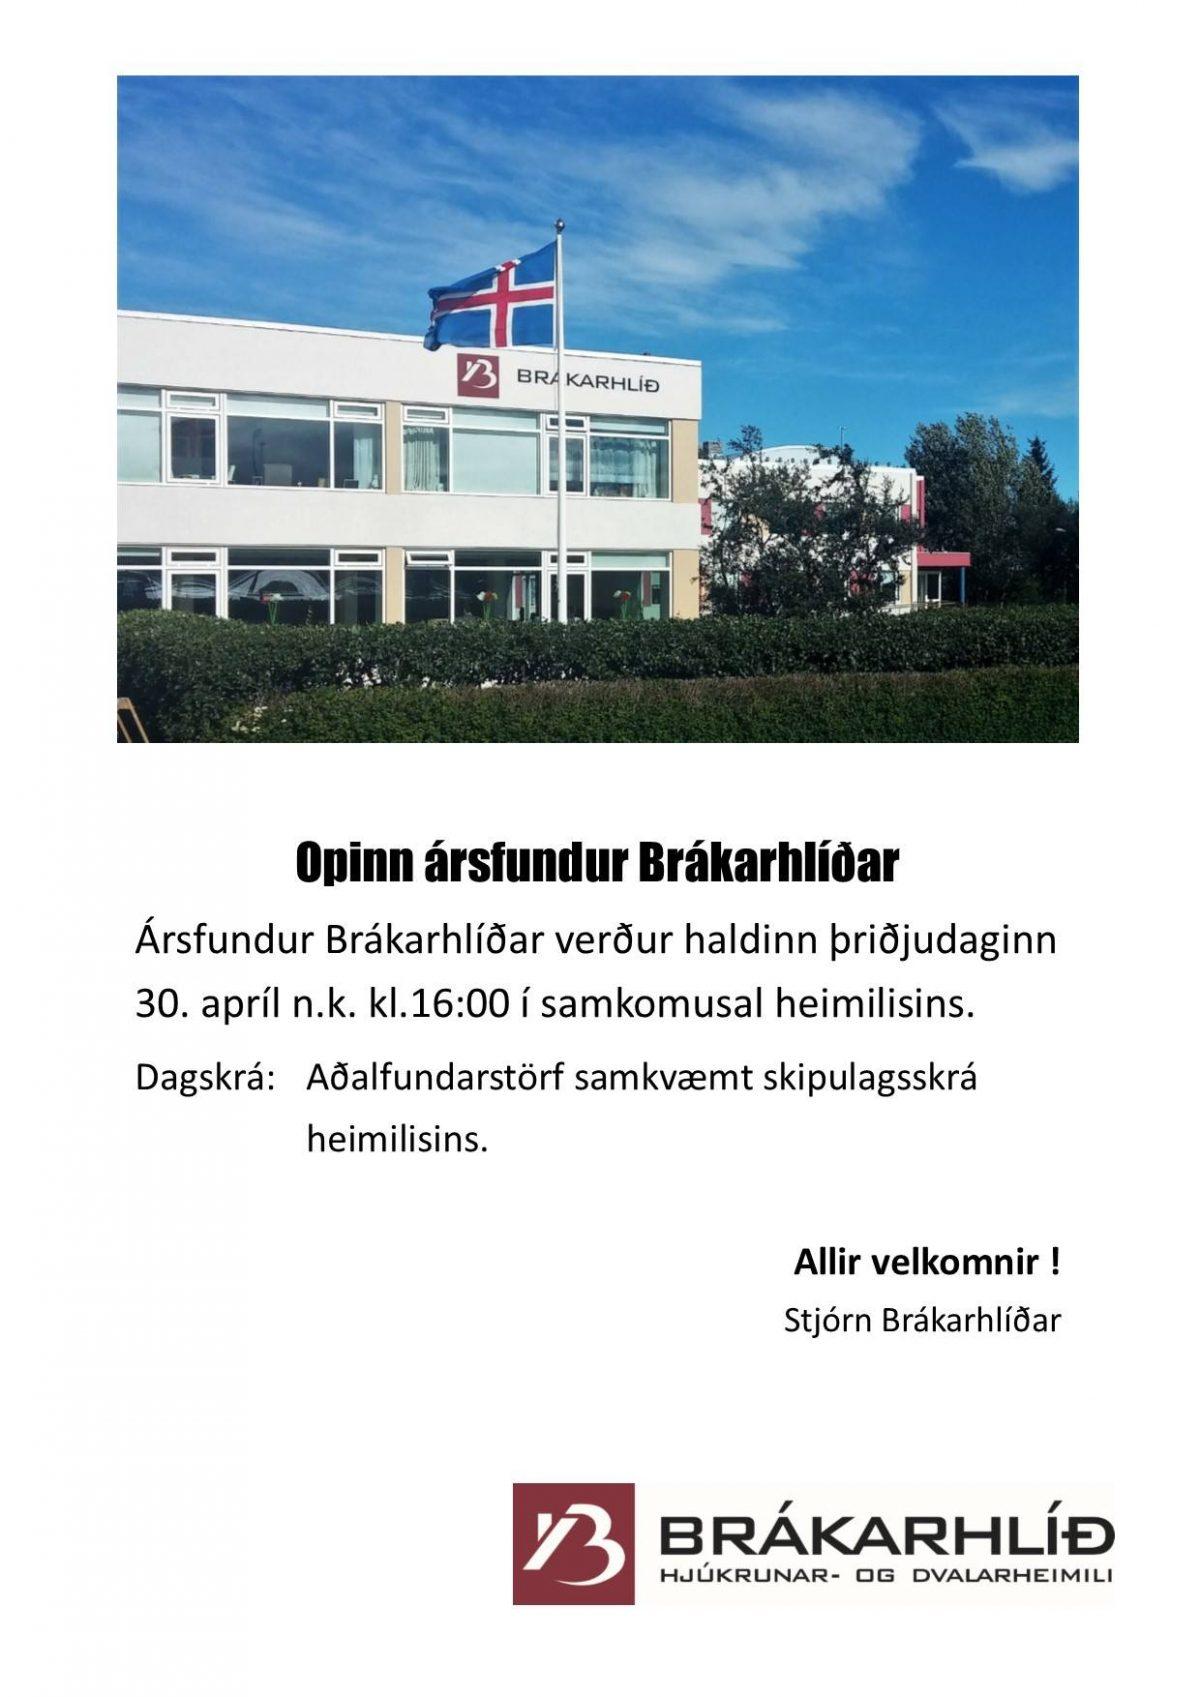 Ársfundur Brákarhlíðar verður haldinn þriðjudaginn 30.apríl n.k. kl.16:00 í samk...